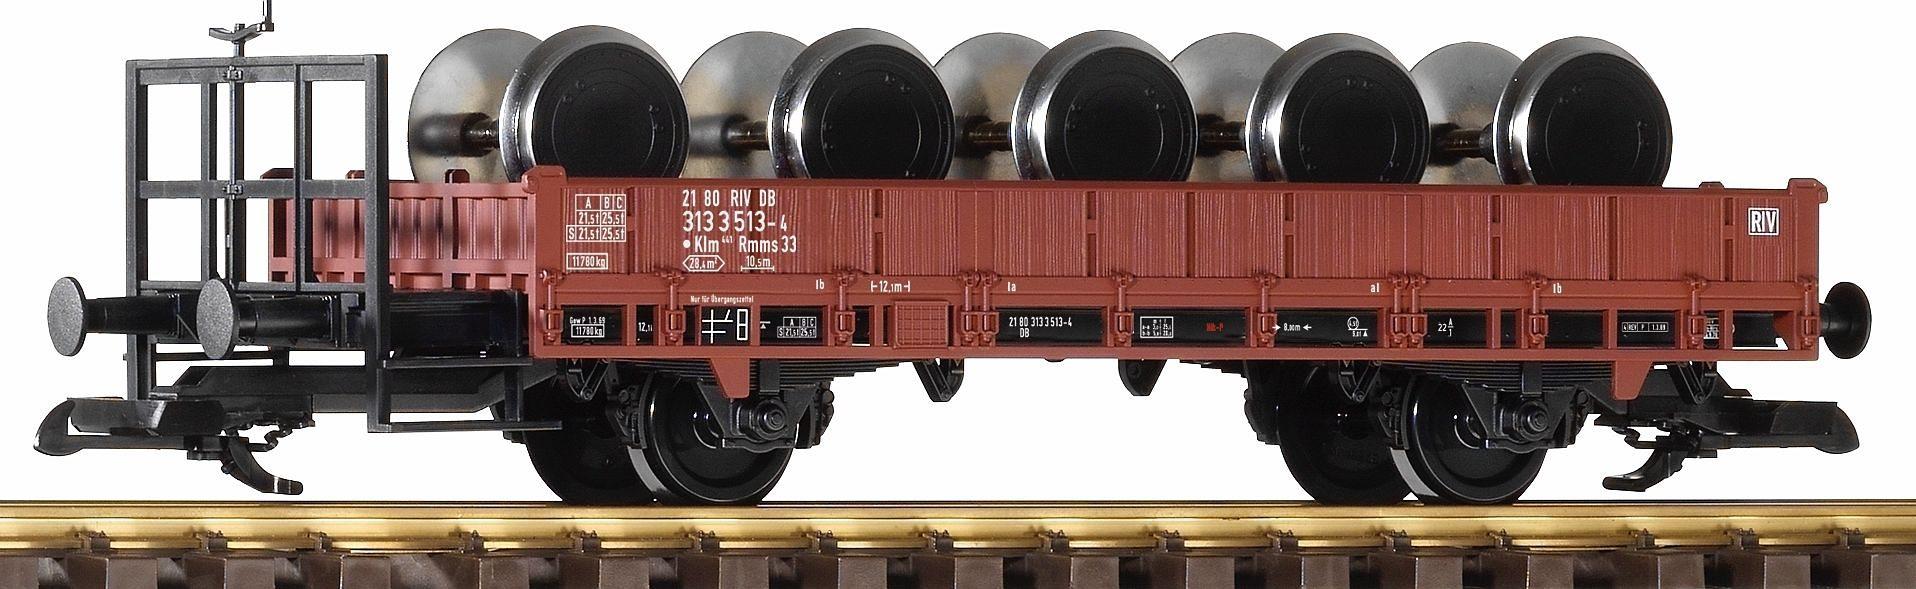 PIKO Güterwagen, Spur G, »Niederbordwagen beladen mit 5 Lokradsätzen, DB - Gleichstrom«